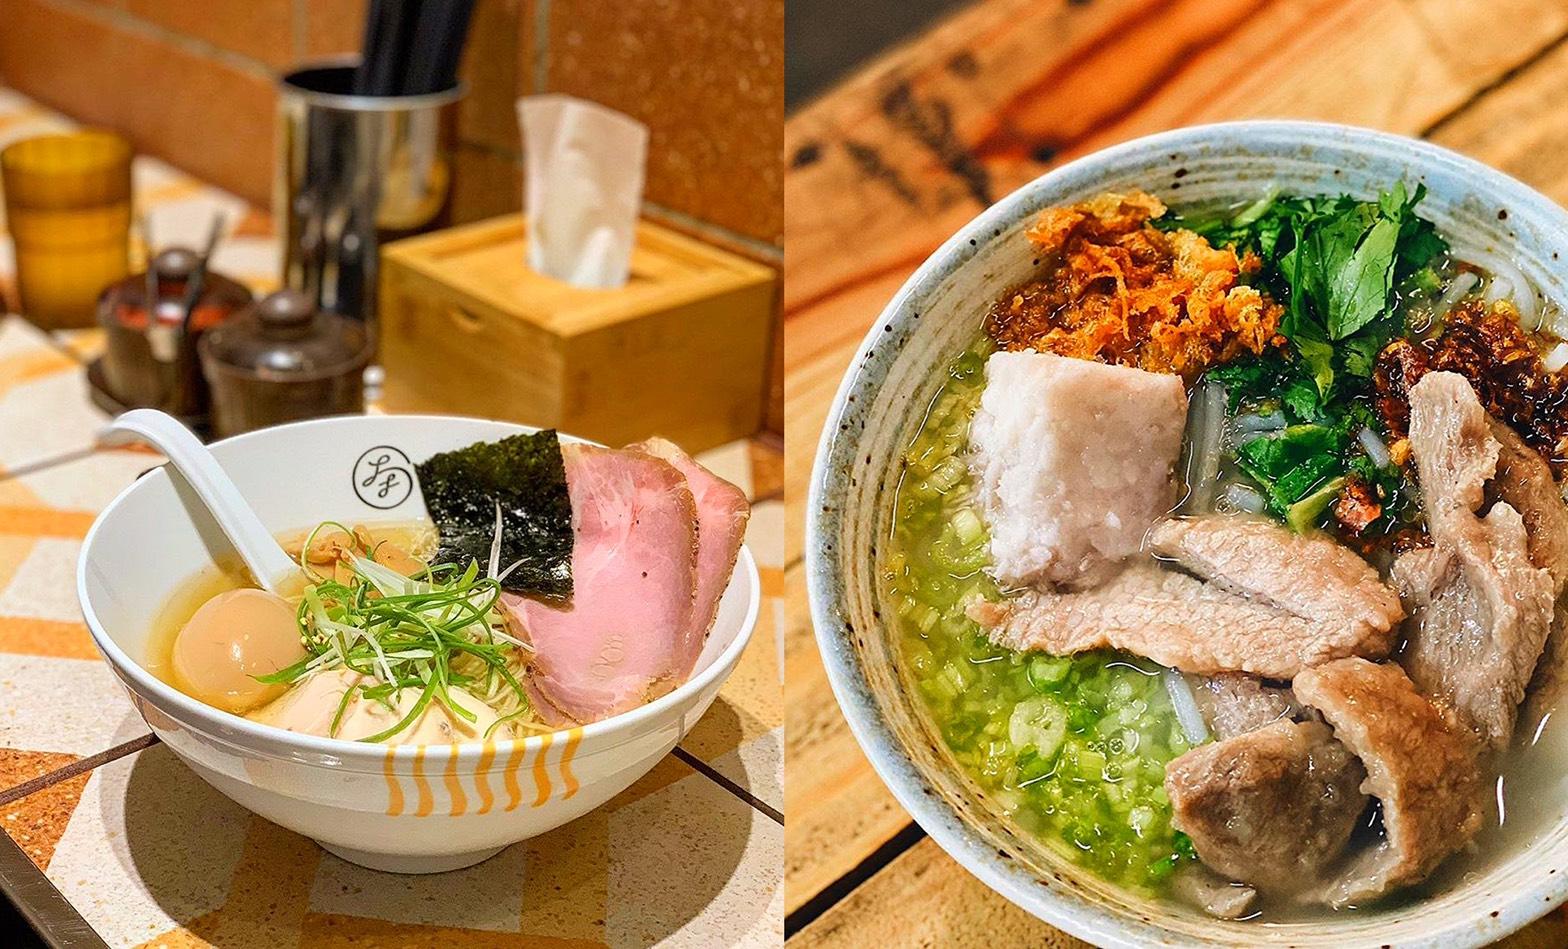 新竹東門市場美食|特搜13間必吃美食,各國料理竟通通隱身在傳統市場裡?